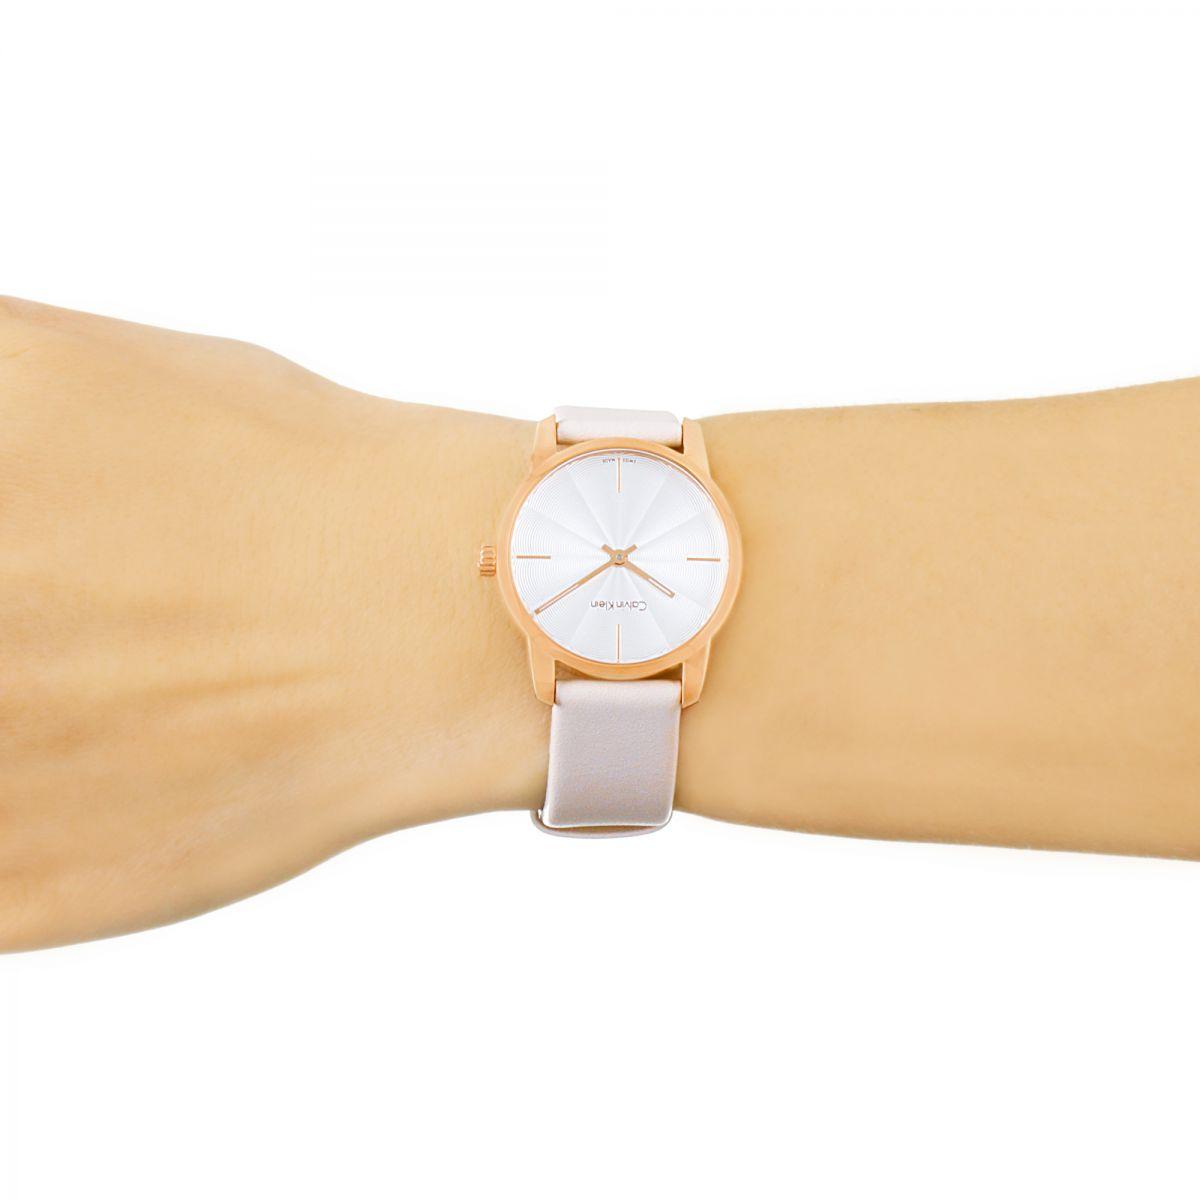 Calvin Klein - Watches - Women   Debenhams